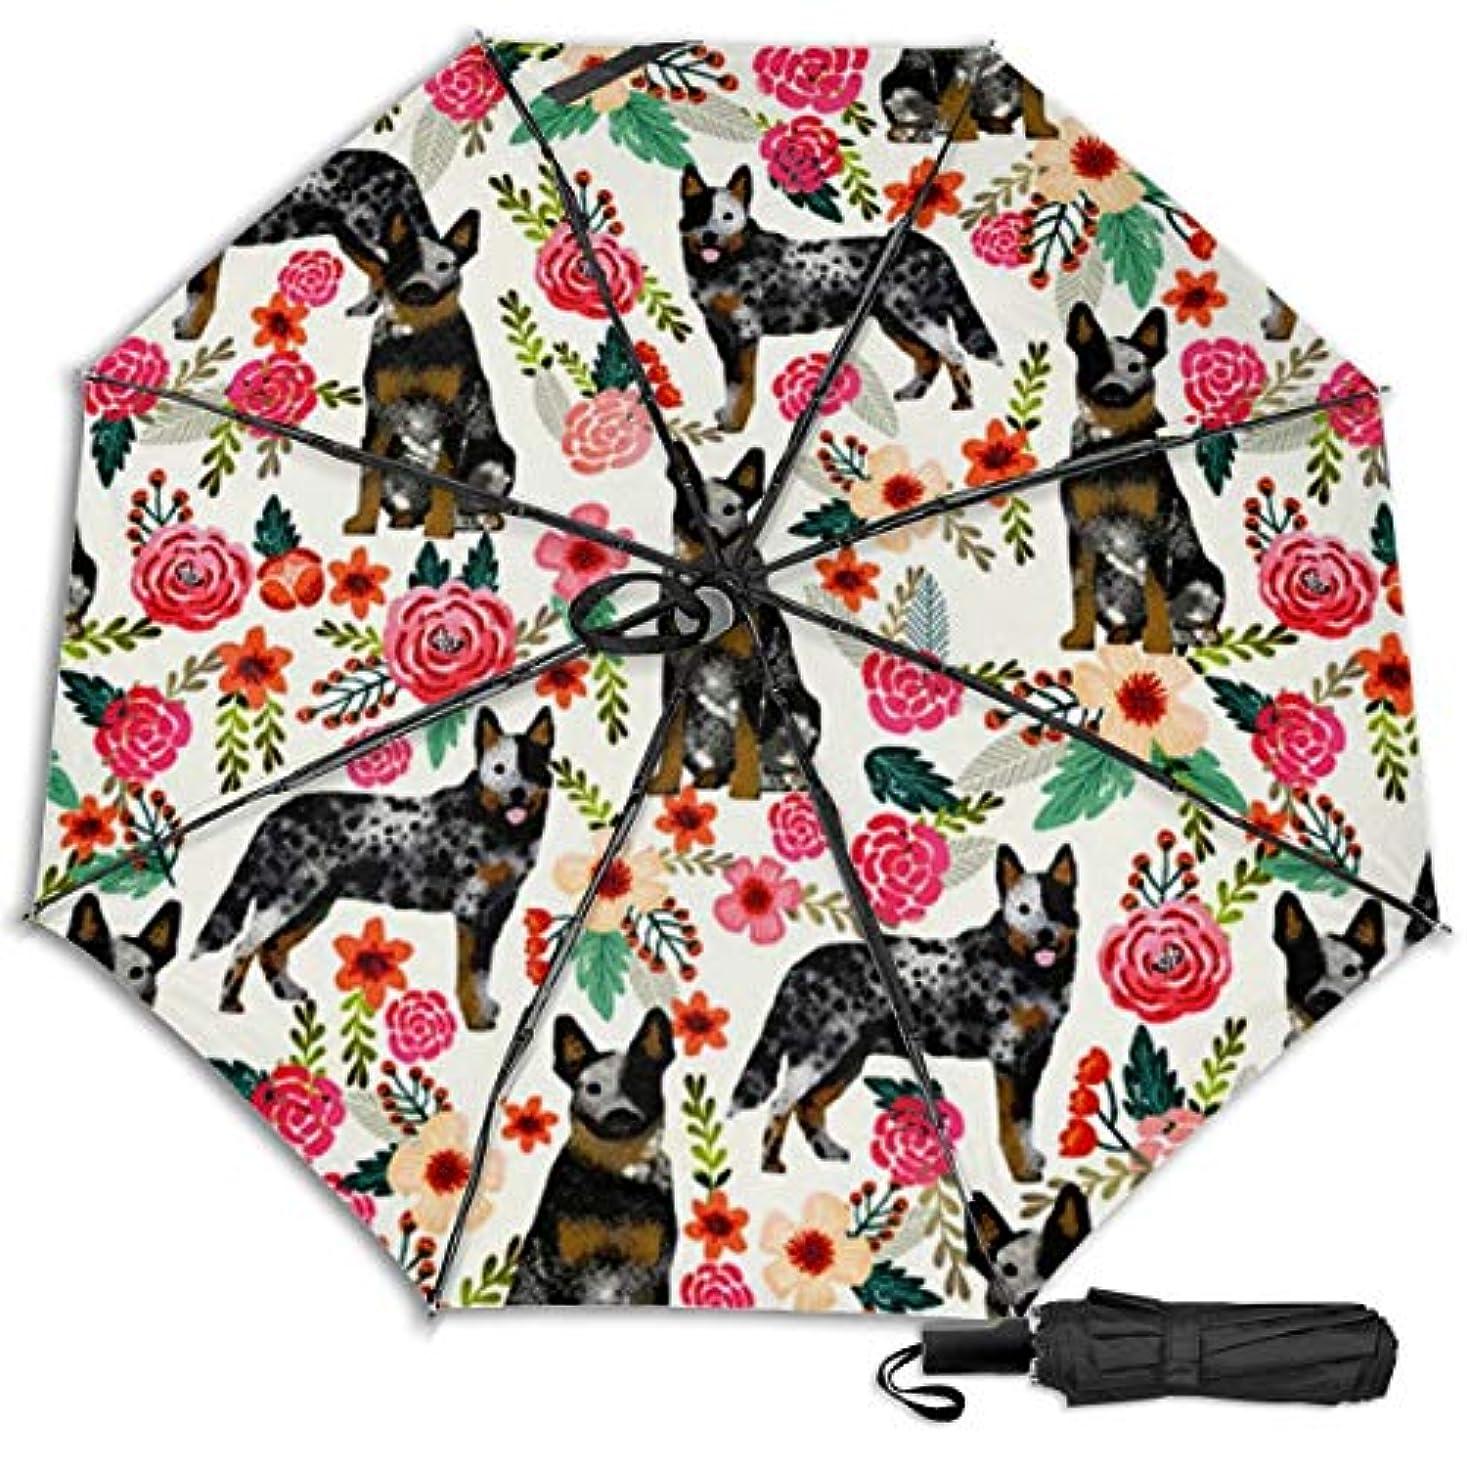 サーフィン資本主義シャットヒーラードッグ日傘 折りたたみ日傘 折り畳み日傘 超軽量 遮光率100% UVカット率99.9% UPF50+ 紫外線対策 遮熱効果 晴雨兼用 携帯便利 耐風撥水 手動 男女兼用